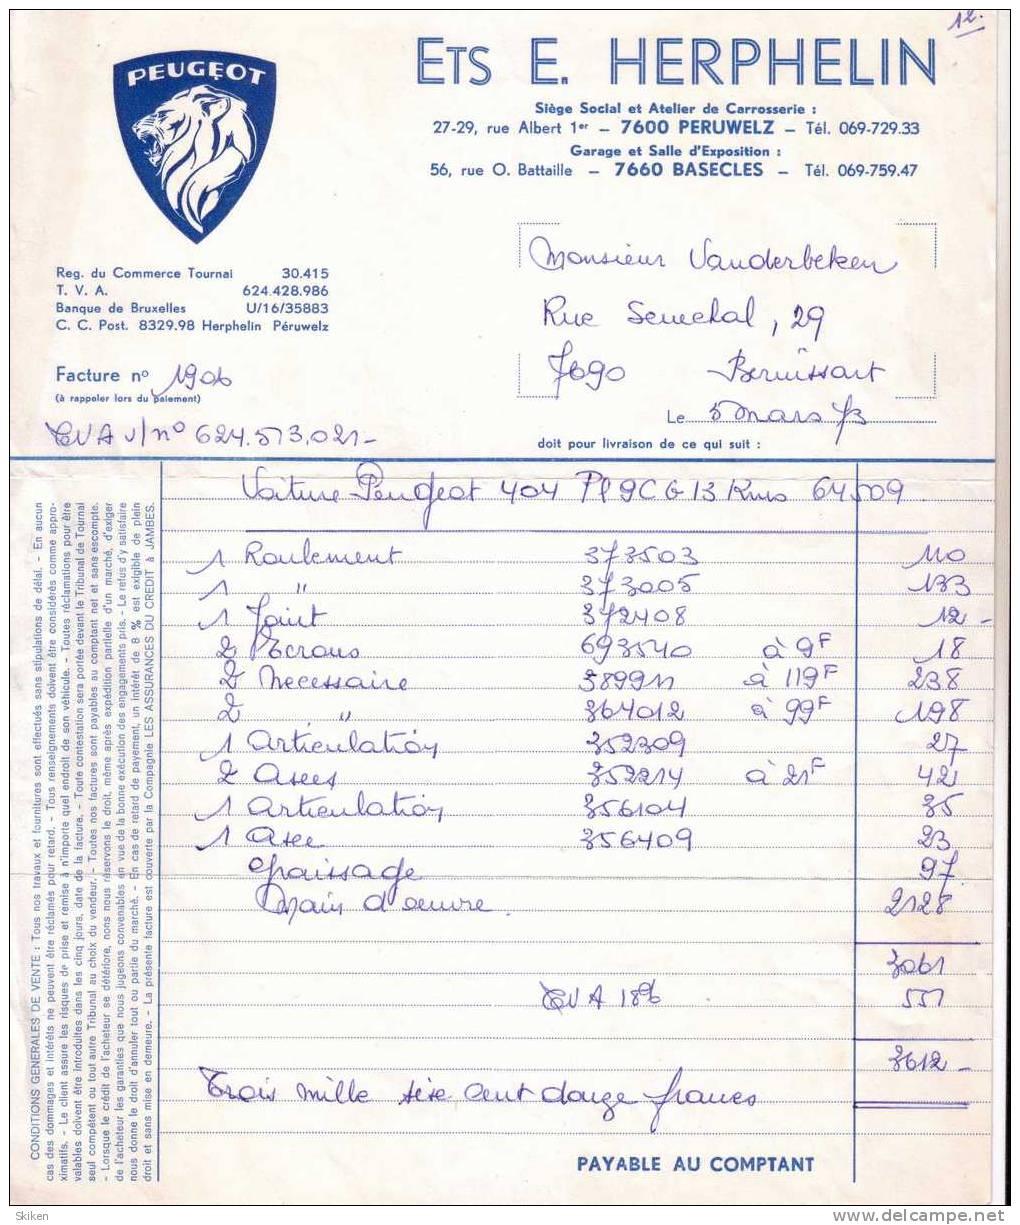 BASECLES  ETS E. HERPHELIN  Peugeot  5.03.1973 - Belgique